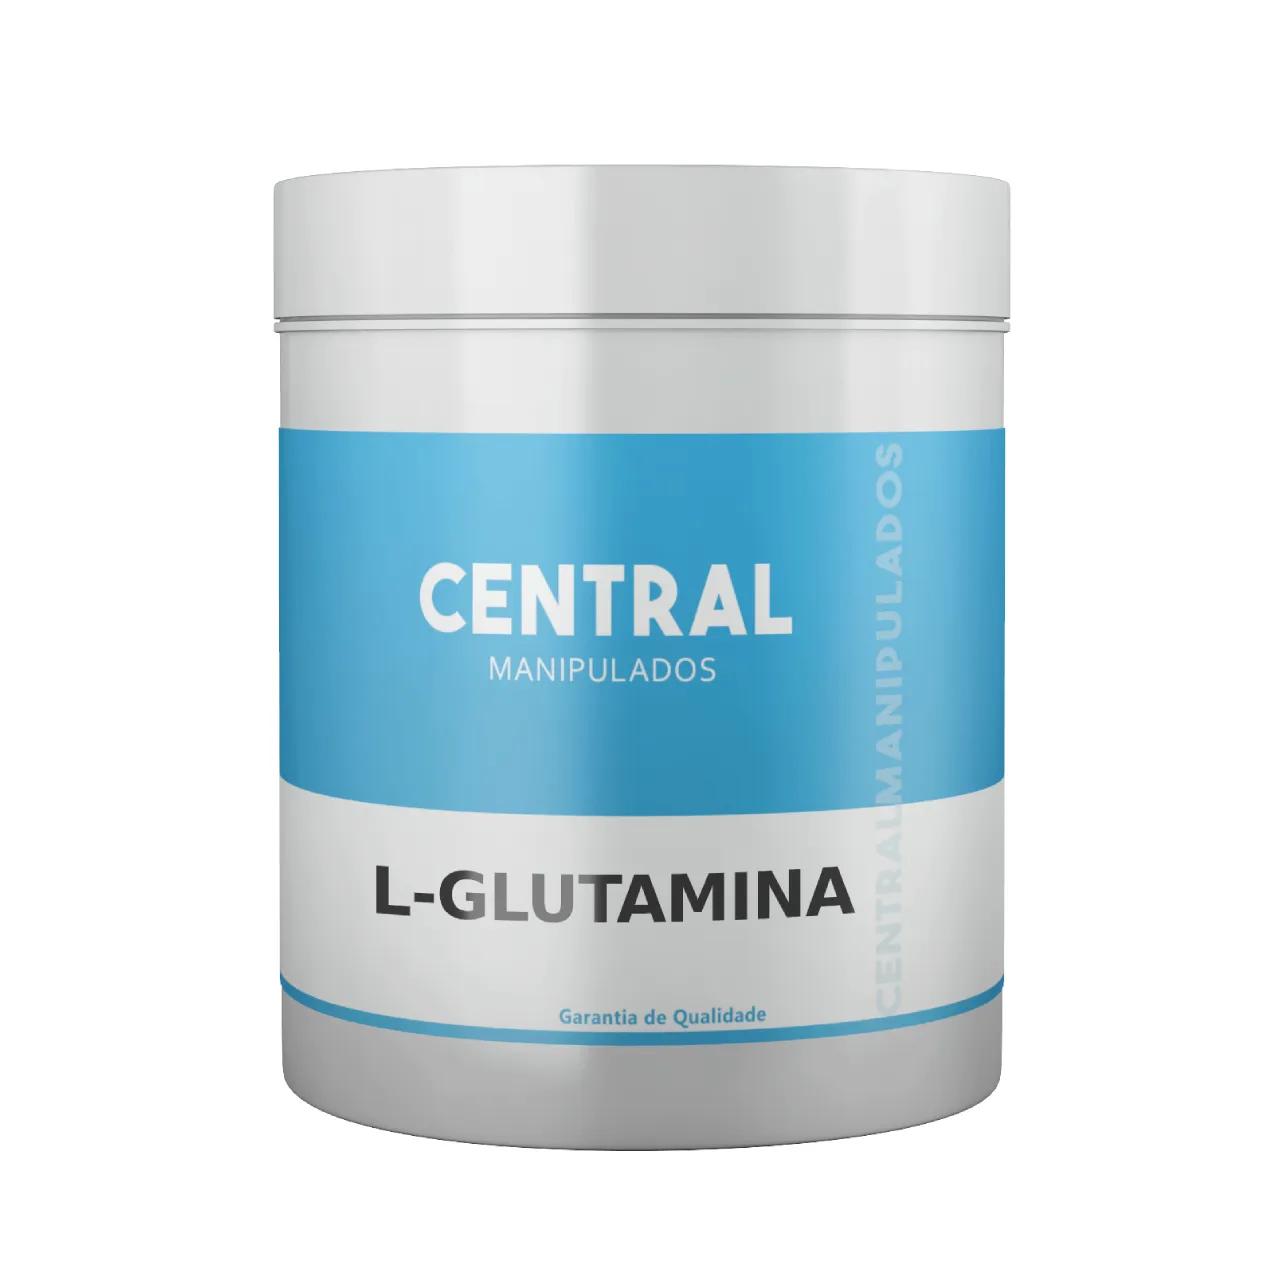 L-glutamina em Pó - 100g - Suplemento para prática esportiva, Imunidade, Desintoxicação corporal, Regulador Hormonal